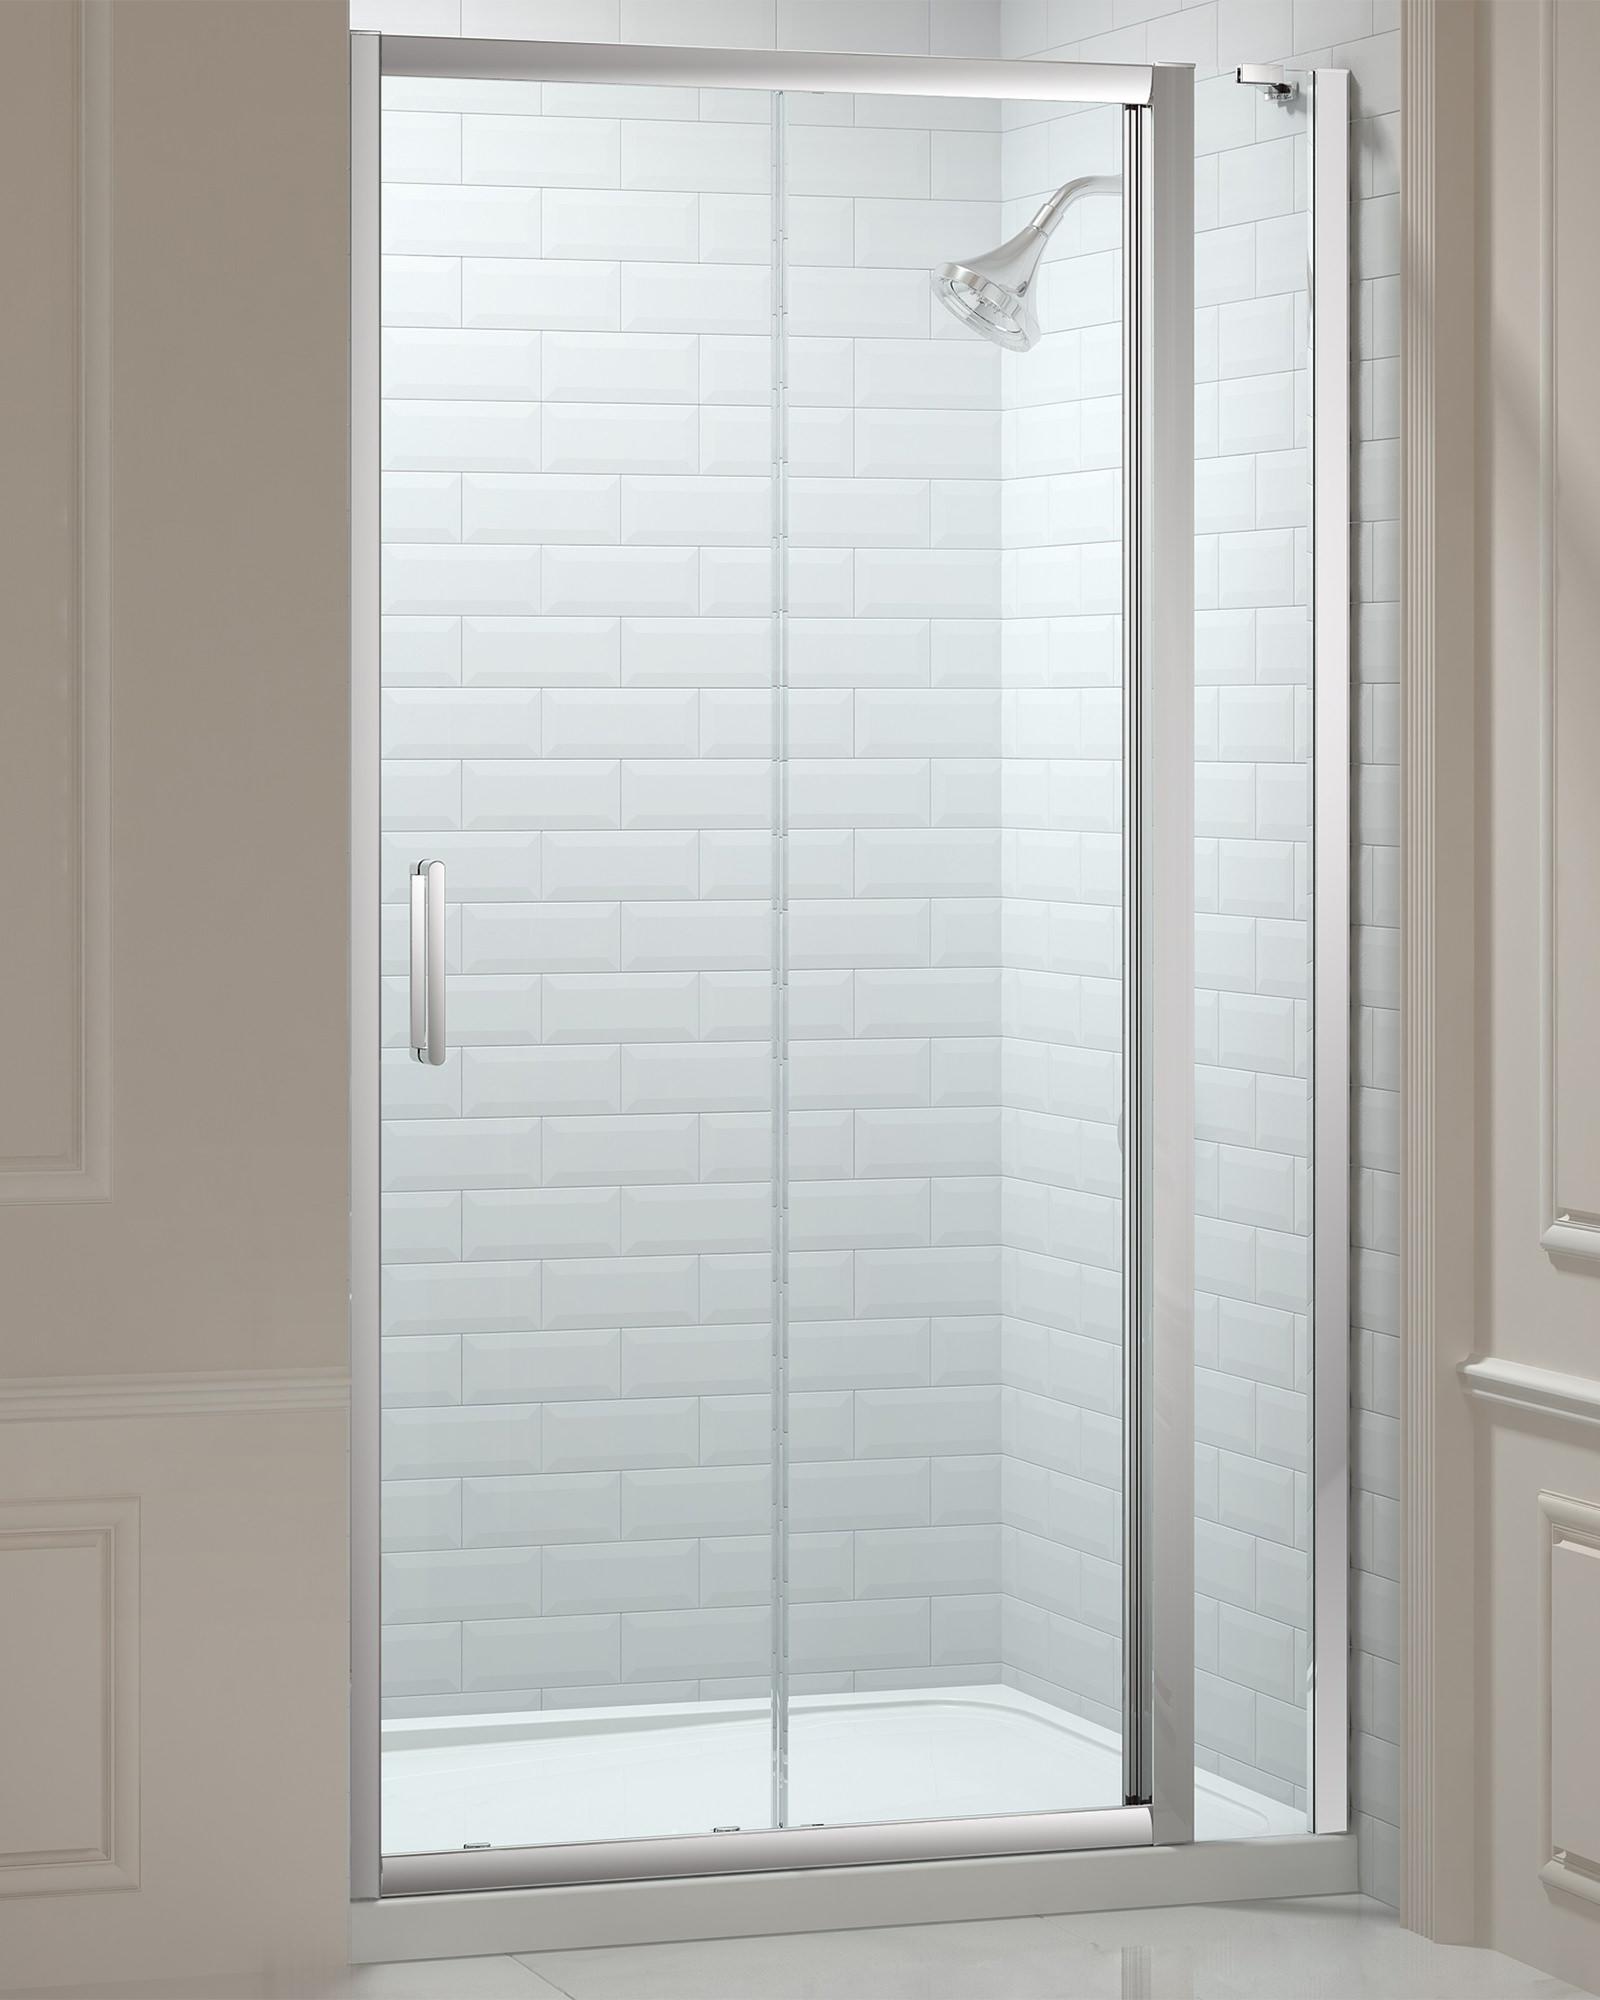 Merlyn 8 series 1000mm sliding door and 150mm inline panel for 1000mm door